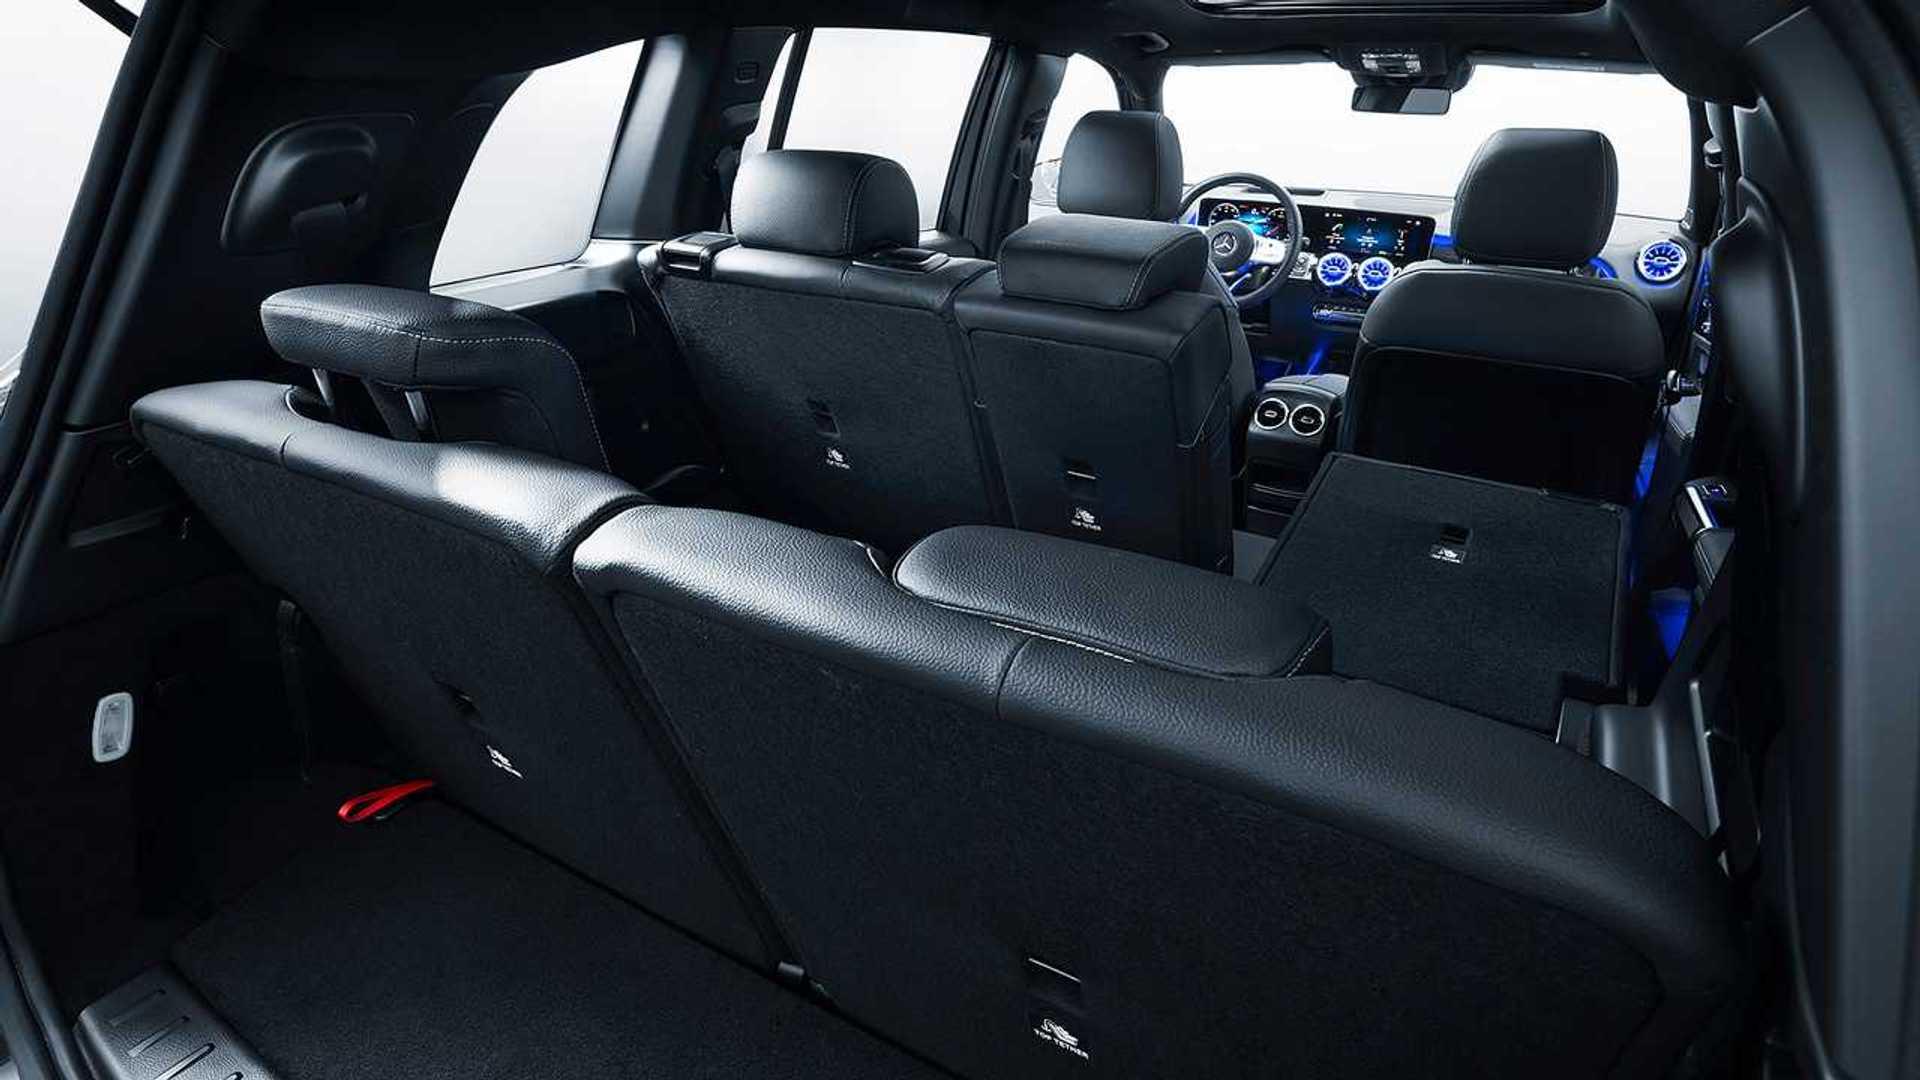 Mercedes GLB mescla soluções de SUV e minivan em embalagem compacta Mercedes-benz-glb